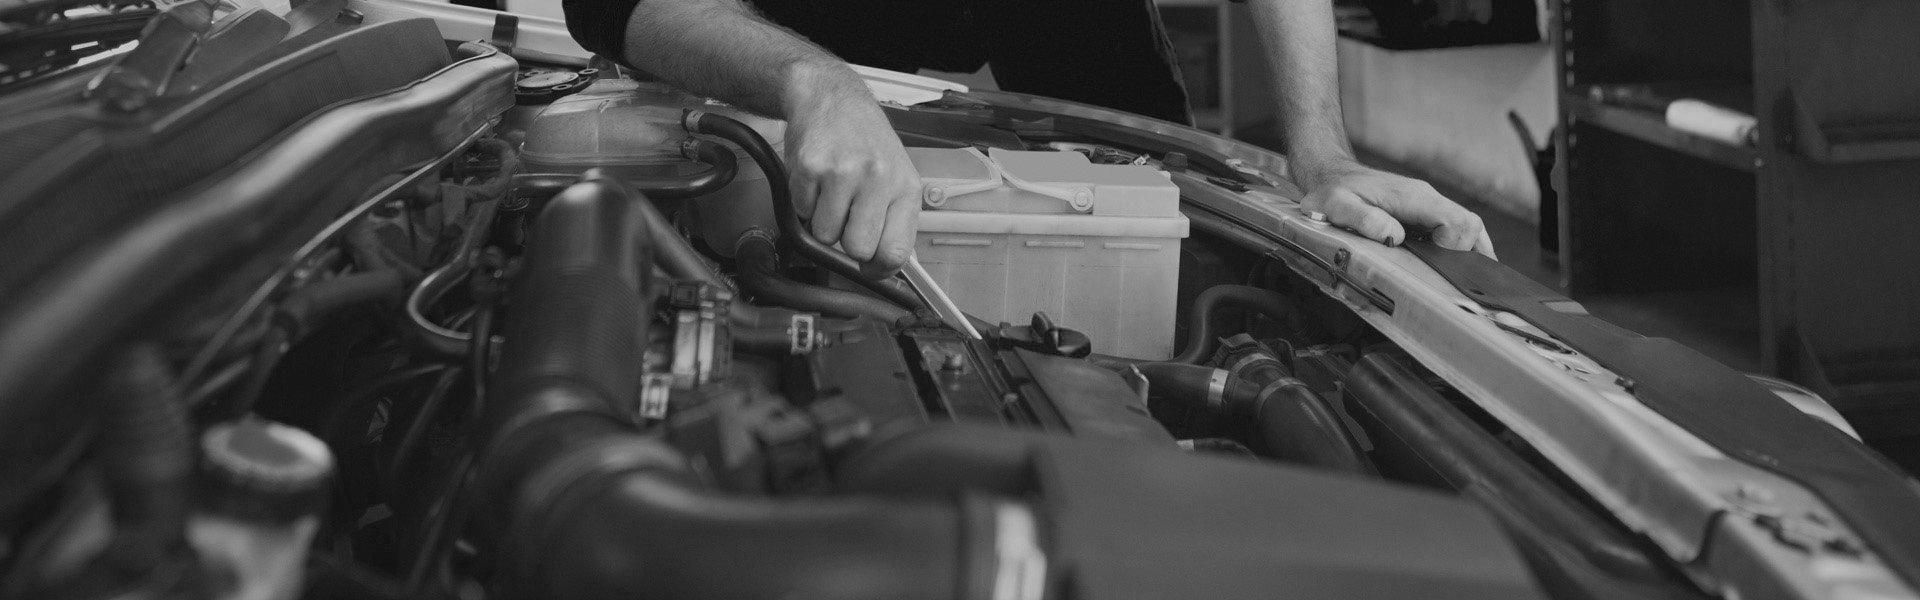 Professional Mechanics